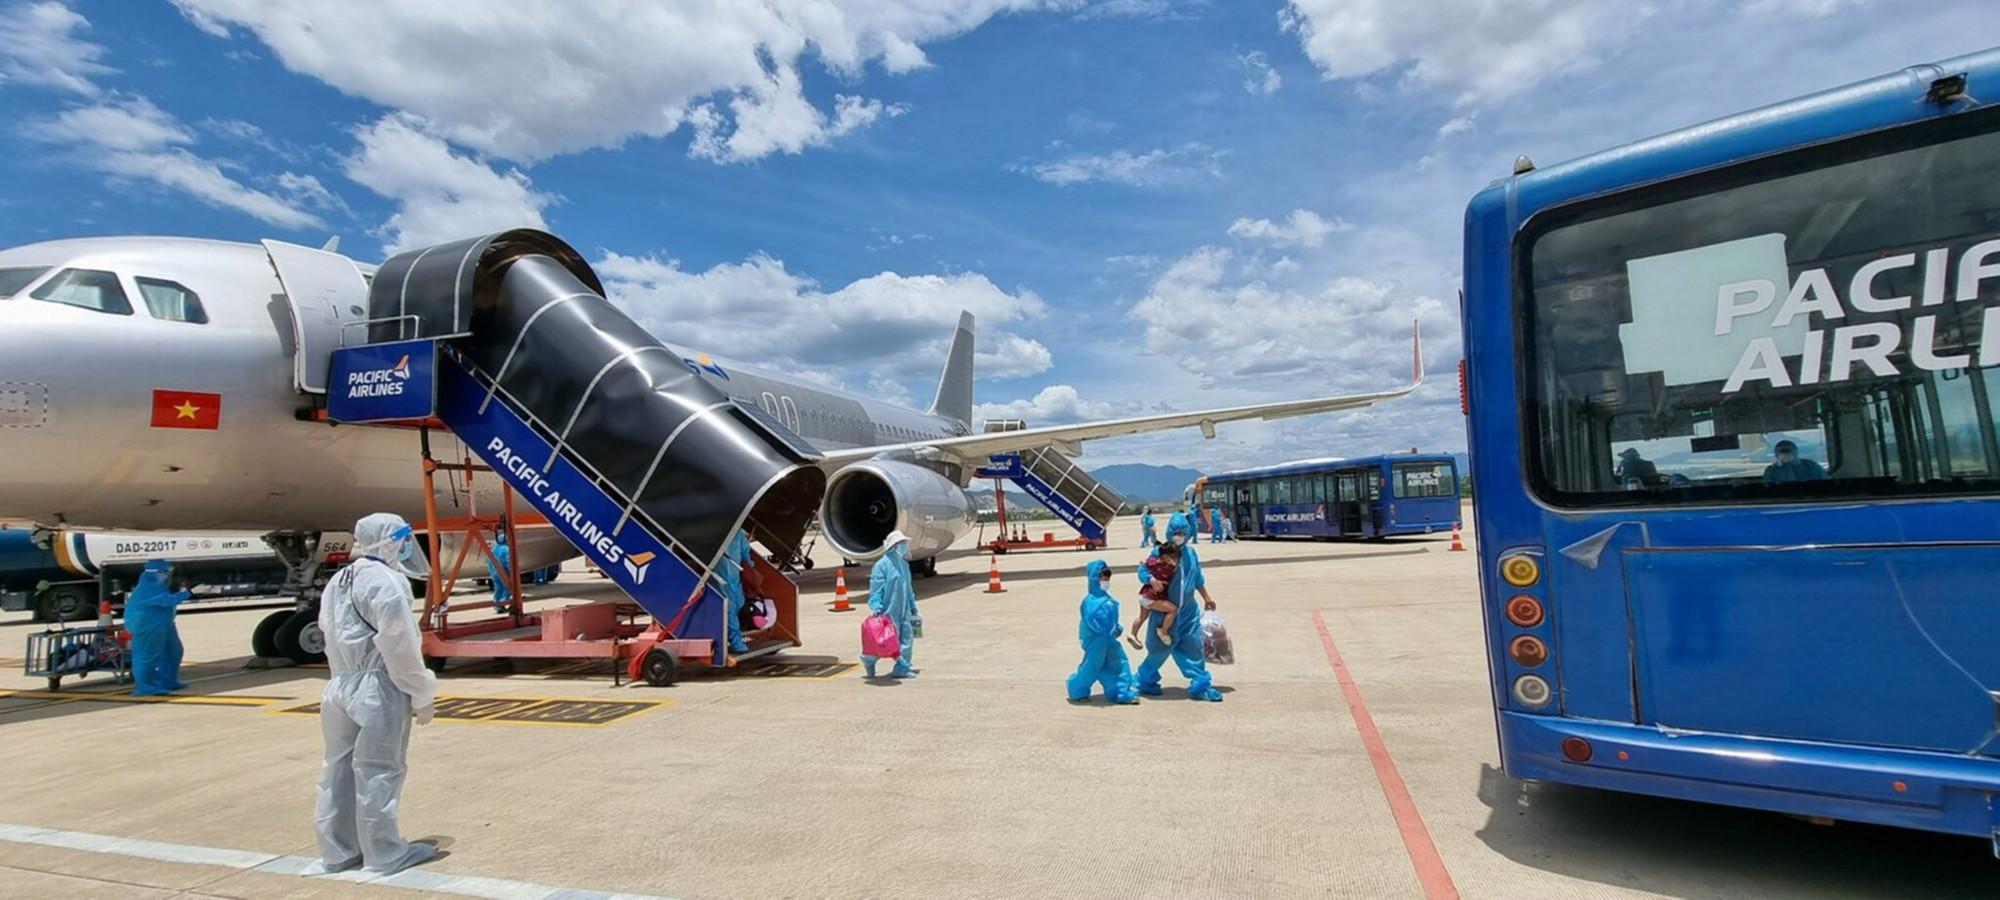 Được biết, chi phí 2 chuyến bay nói trên đưa bà con về quê được ông Trần Công Cảnh, Phó chủ tịch thường trực Hội đồng hương Quảng Nam Đà Nẵng ở phía Nam tài trợ.